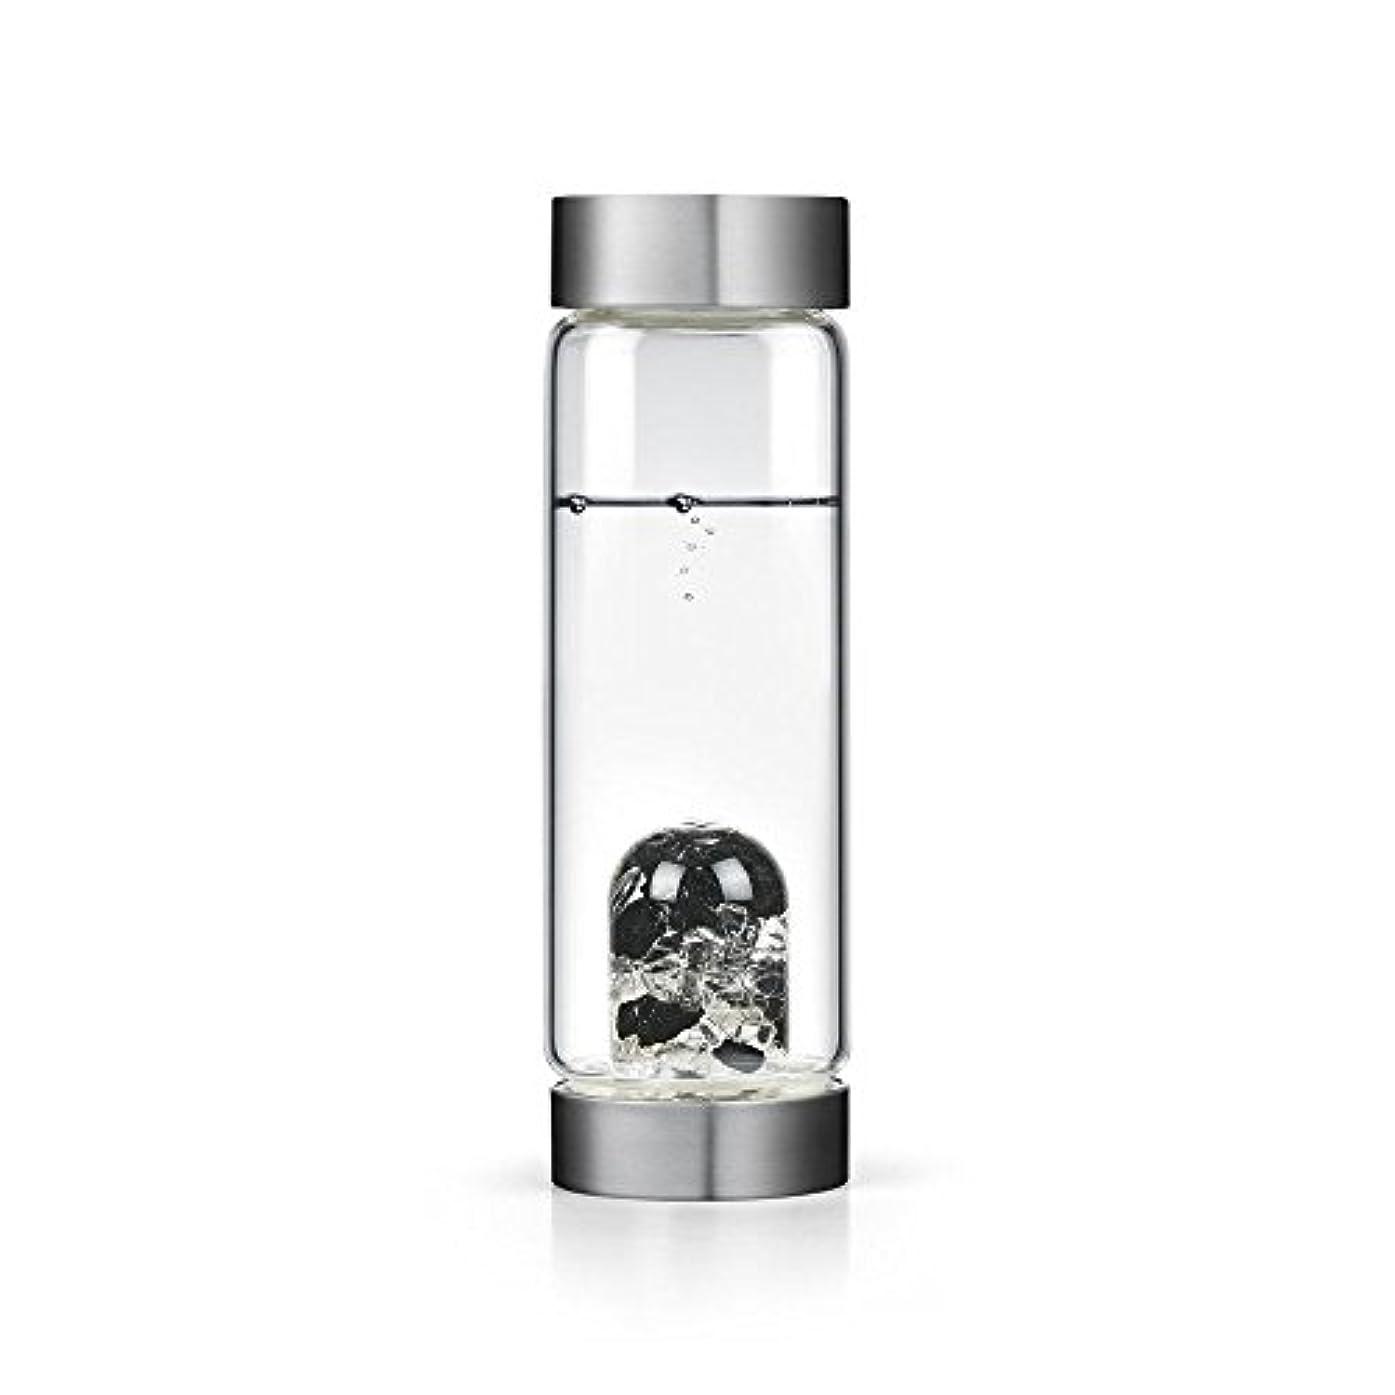 発見木化石ビジョンクリスタルエディションgem-waterボトルby VitaJuwel W / Freeカリフォルニアホワイトセージバンドル 16.9 fl oz